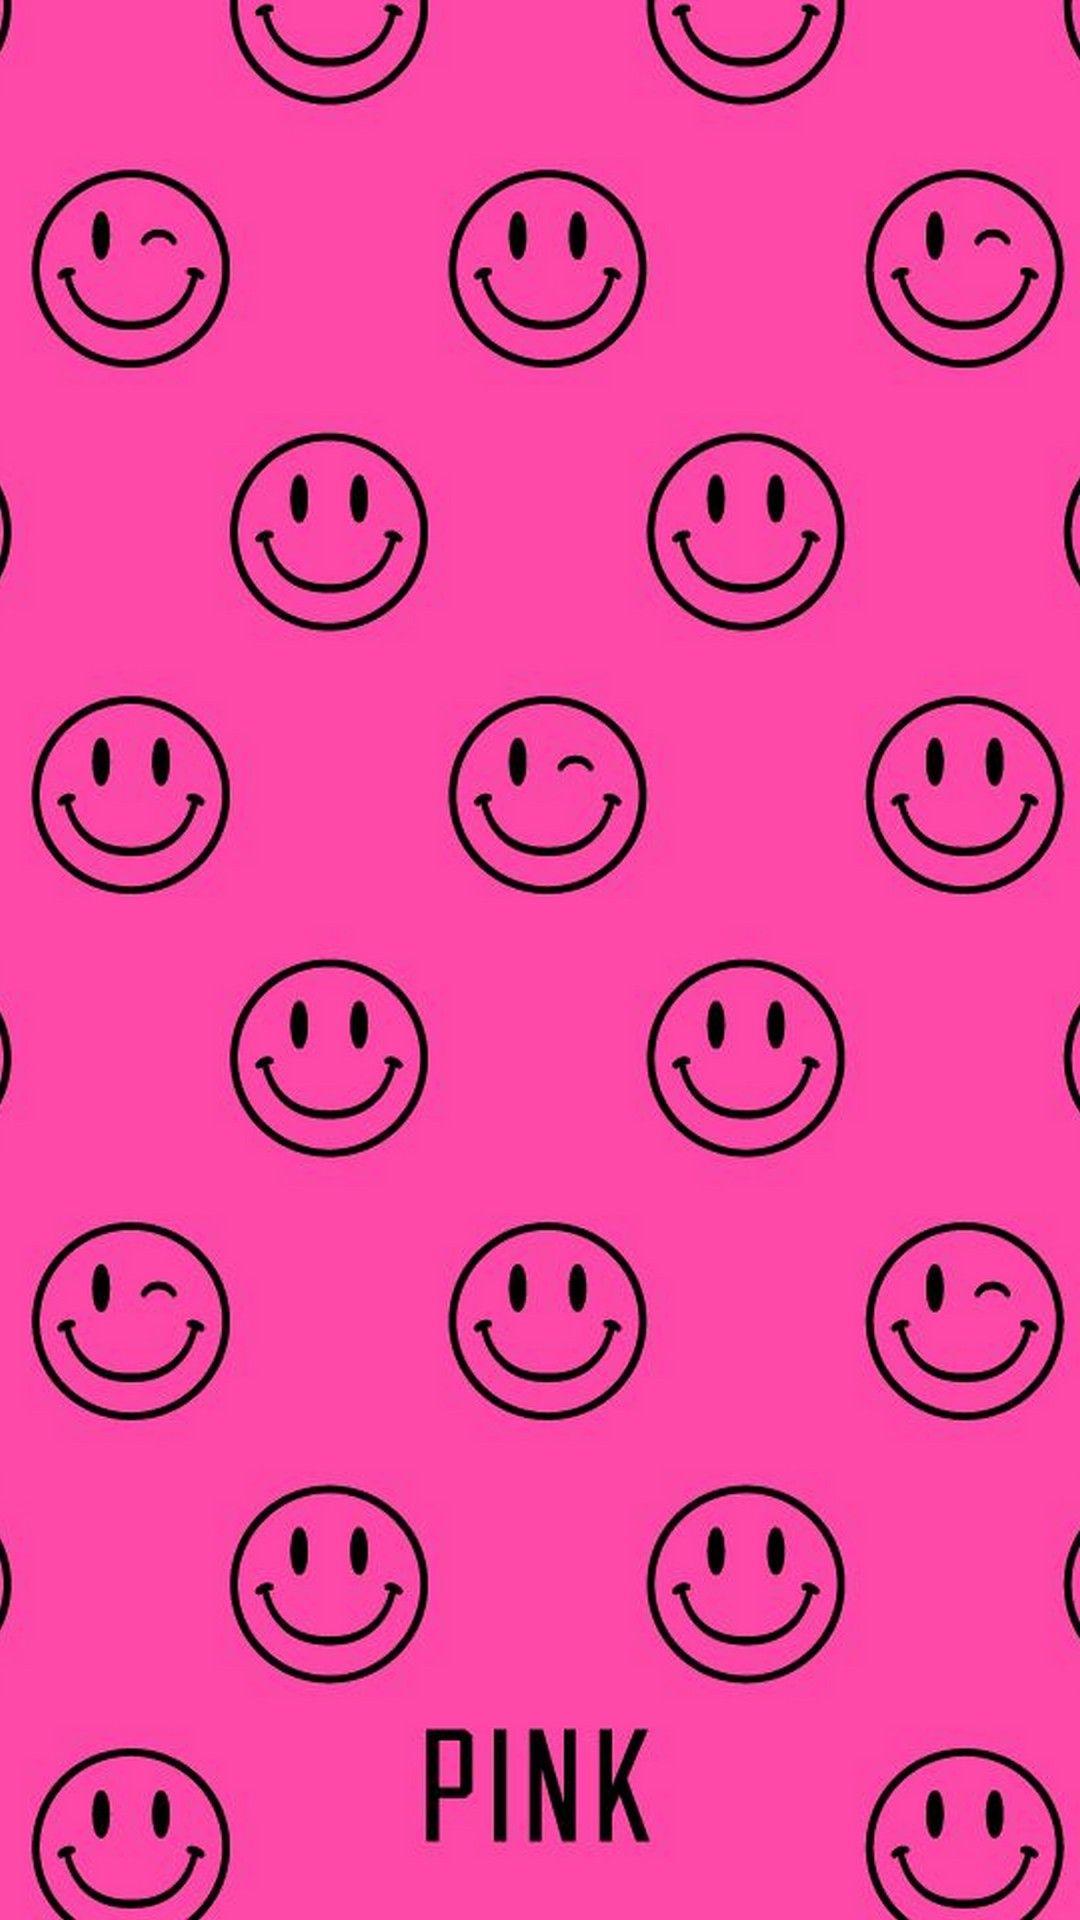 Pink Emoji Wallpaper Iphone Best Iphone Wallpaper Vs Pink Wallpaper Pink Wallpaper Iphone Pink Nation Wallpaper